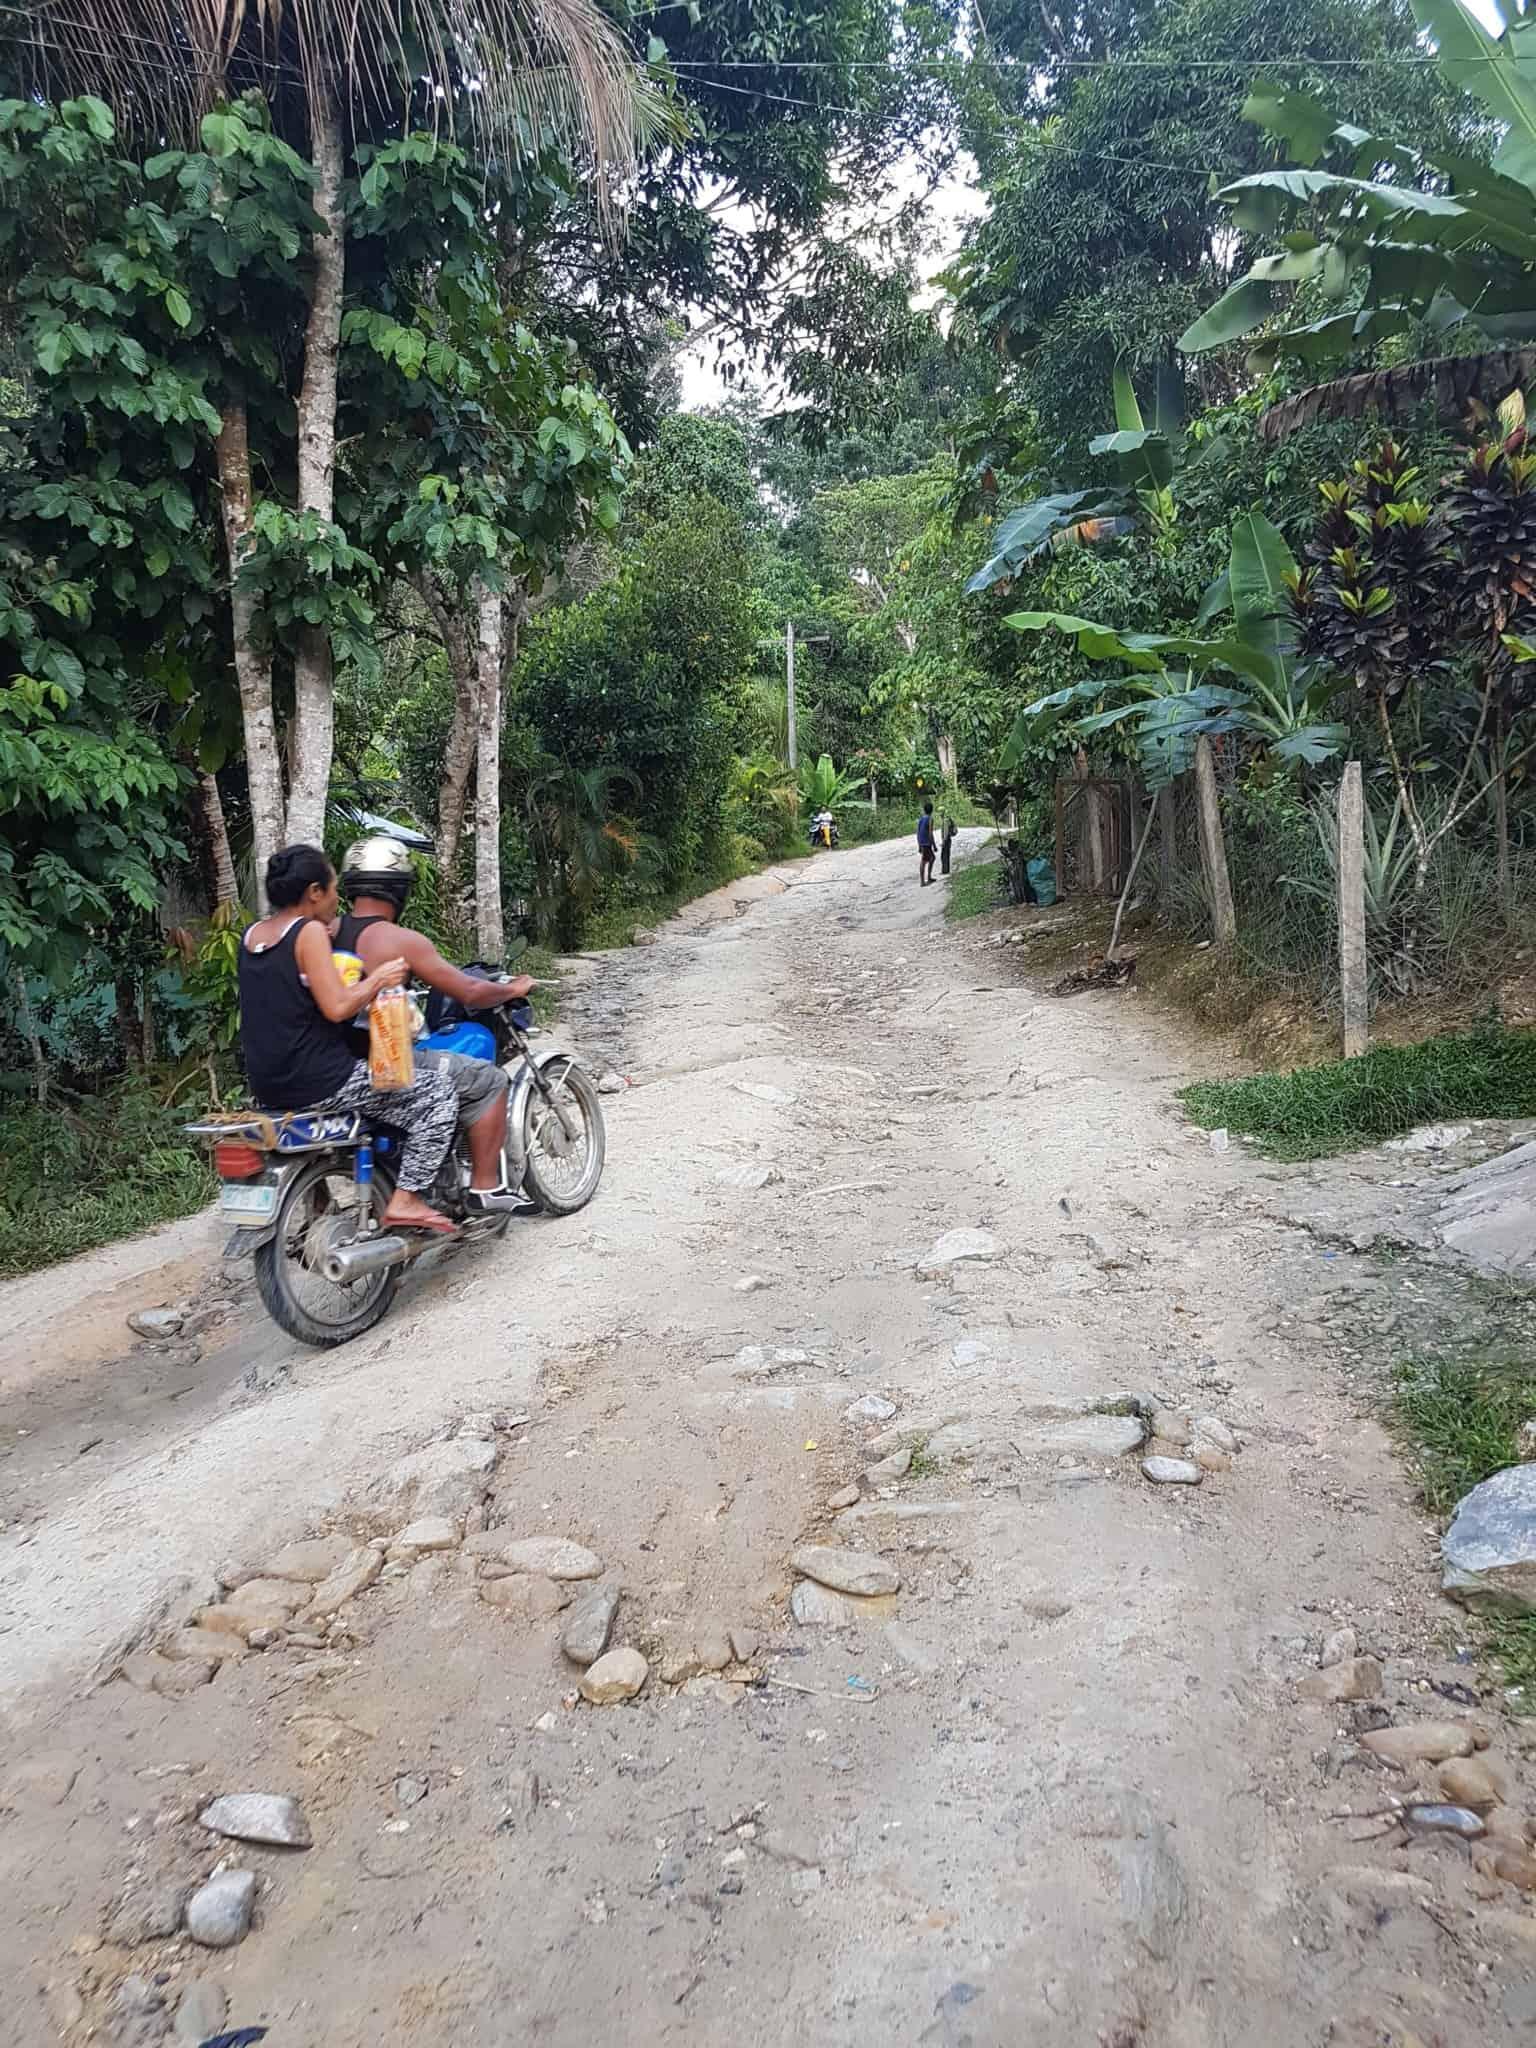 Philippines, comment je me suis retrouvée seule sur une île déserte 🧜♀️ 28